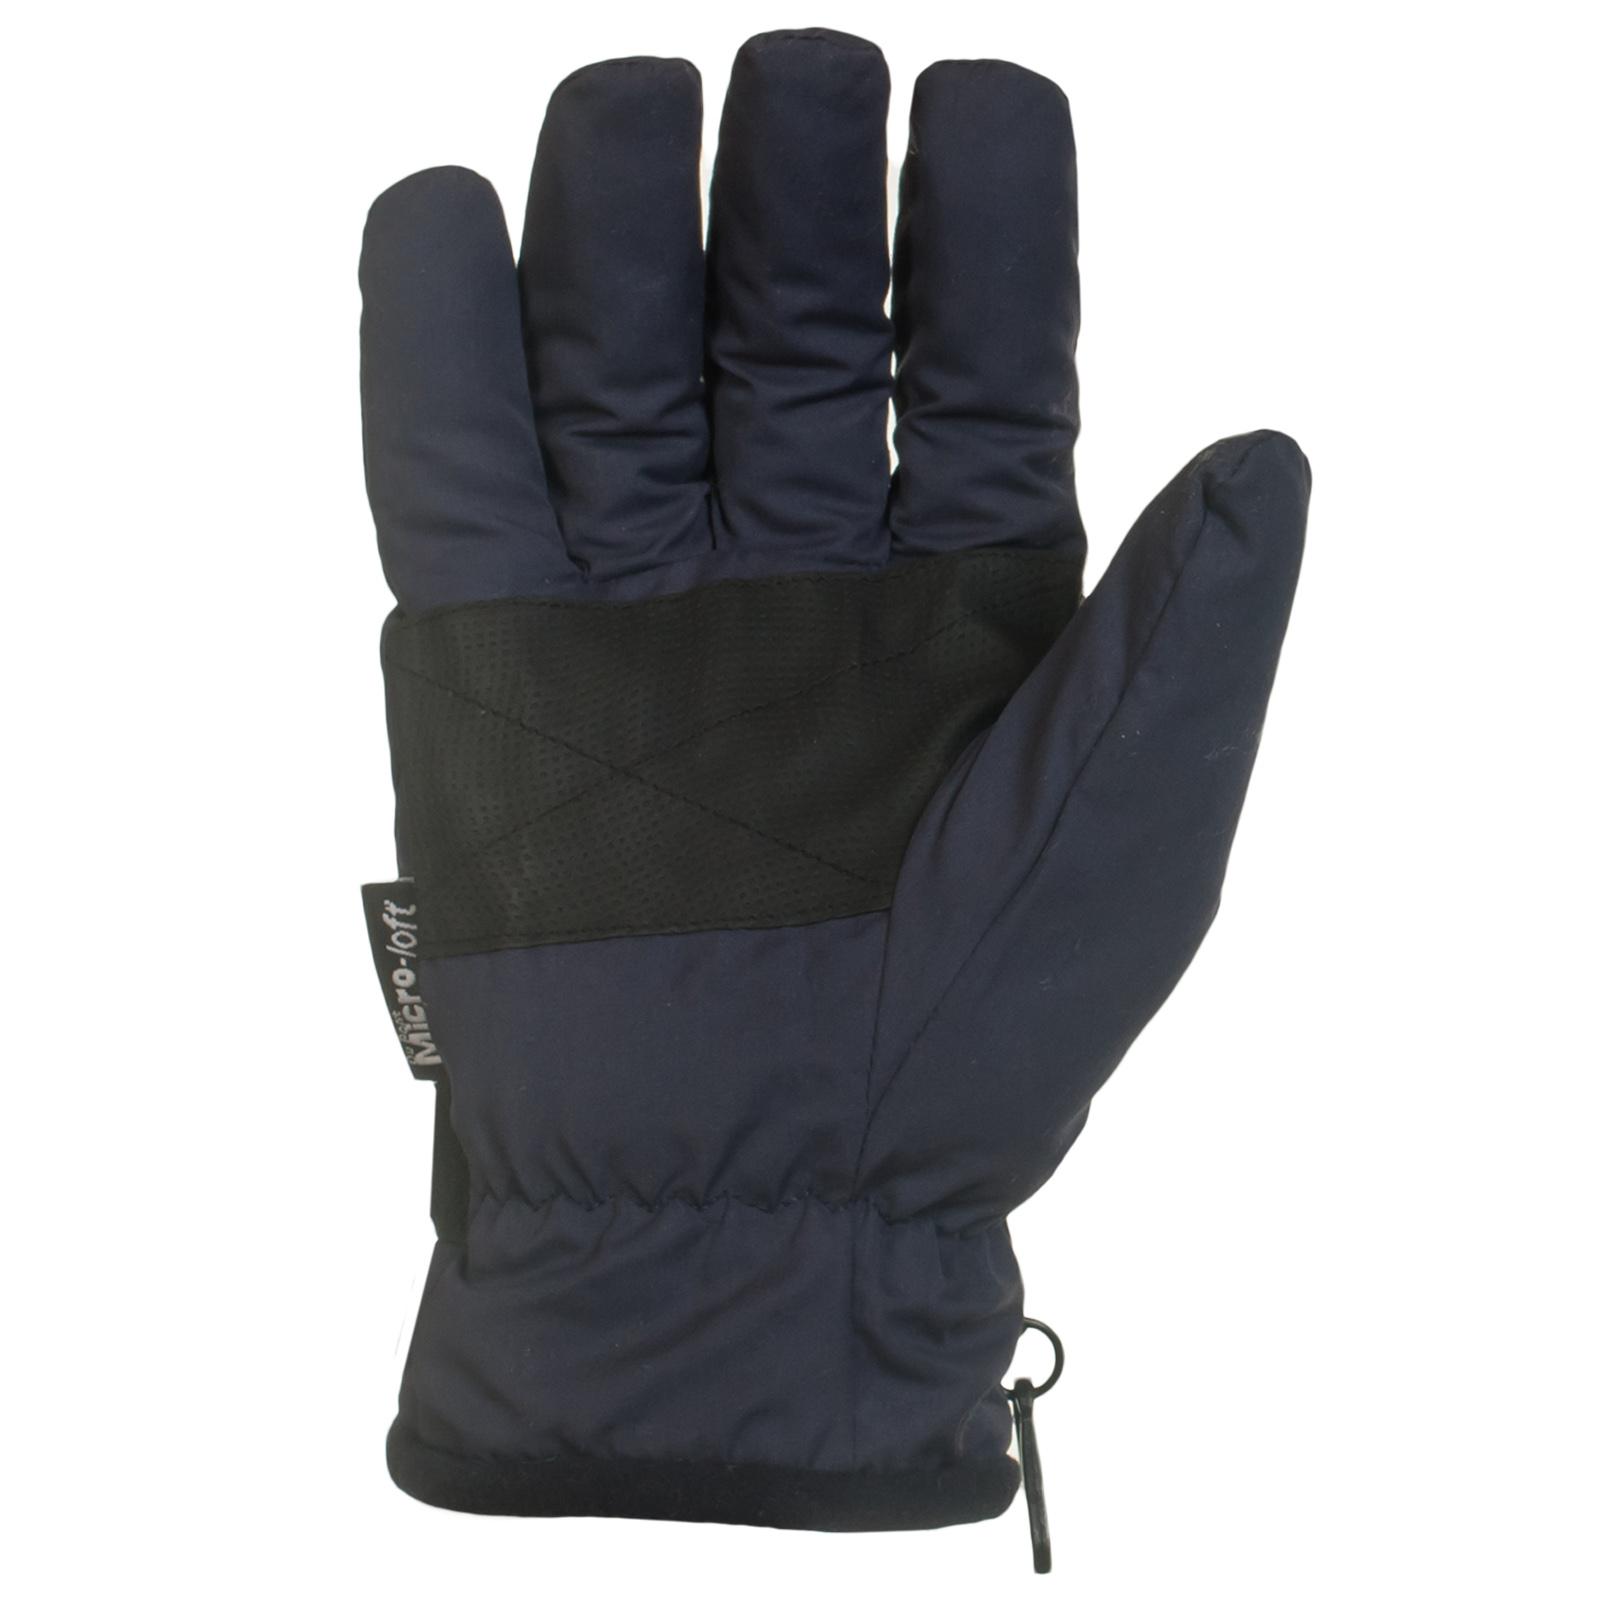 Купить синие перчатки с черными вставками на ладонях оптом ли в розницу